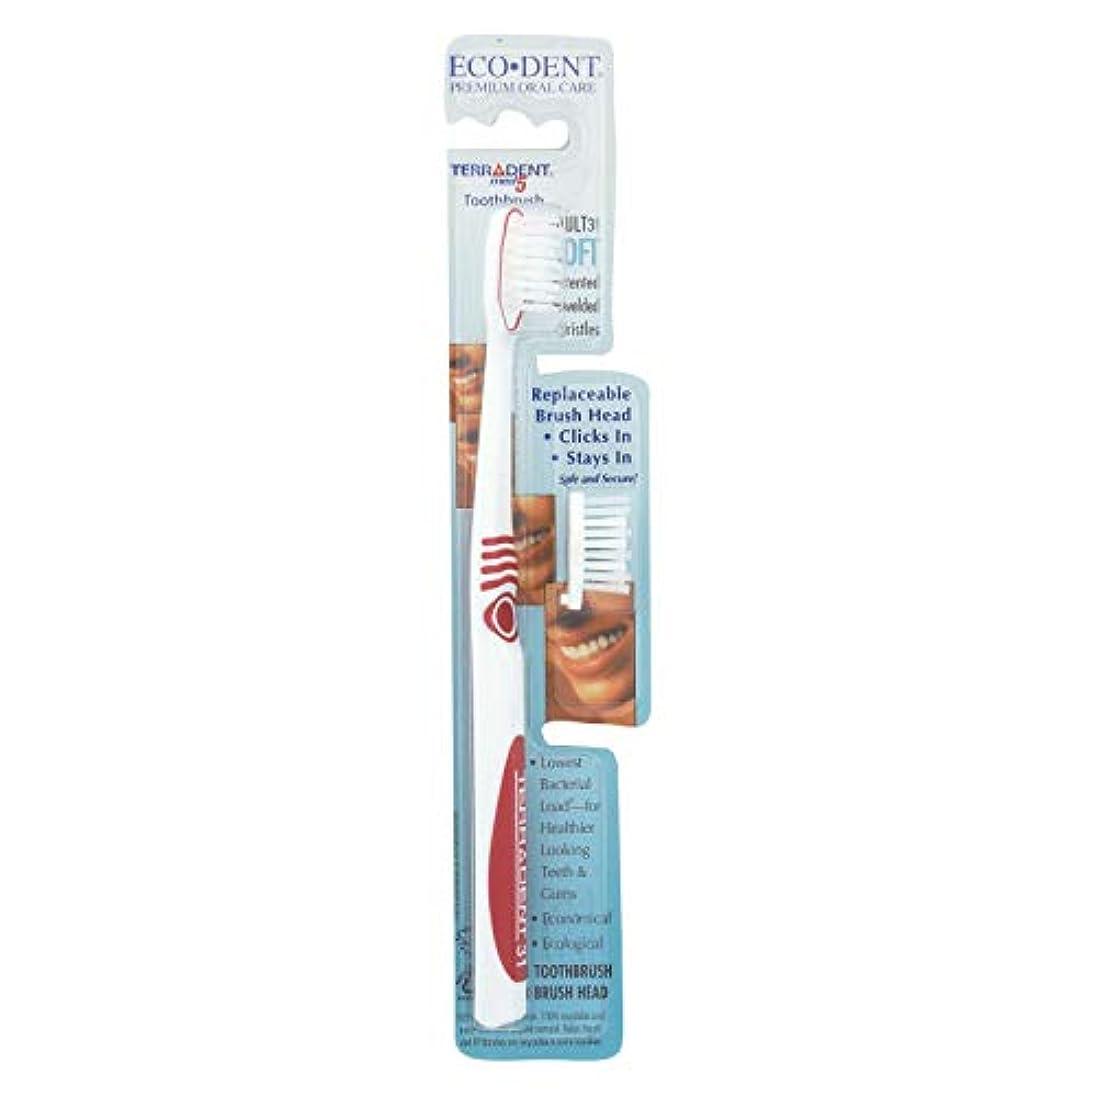 否定する溶けた頭蓋骨Terradent Med5, Adult 31 Soft, 1 Toothbrush, 1 Spare Brush Head by Eco-Dent